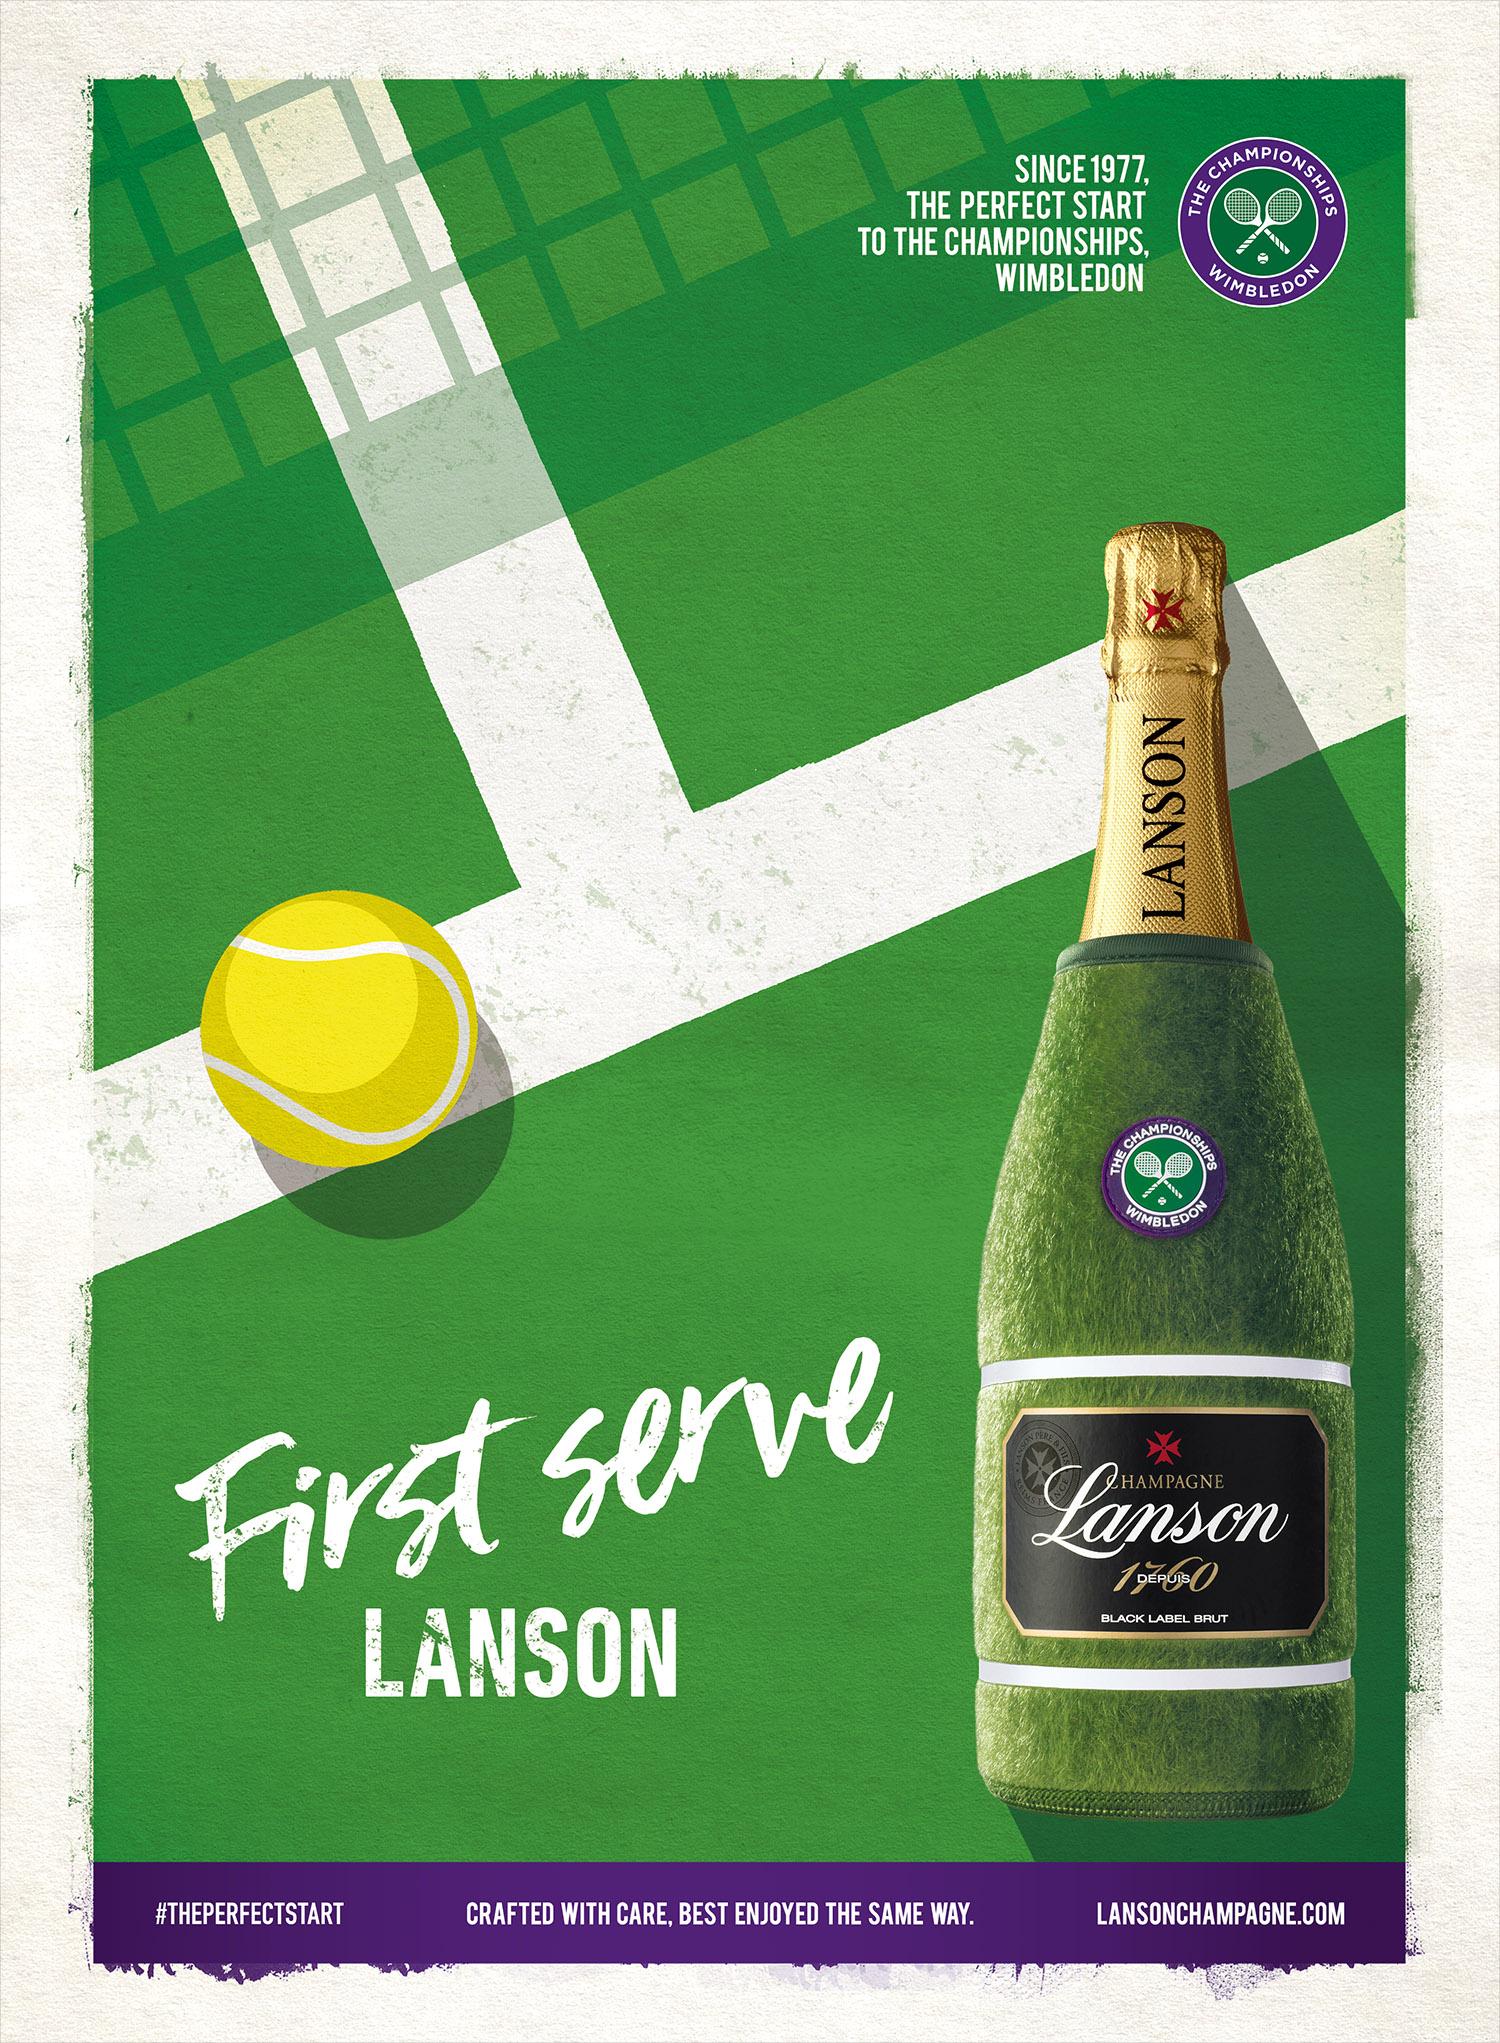 PGW_Lanson_Wimbledon.jpg